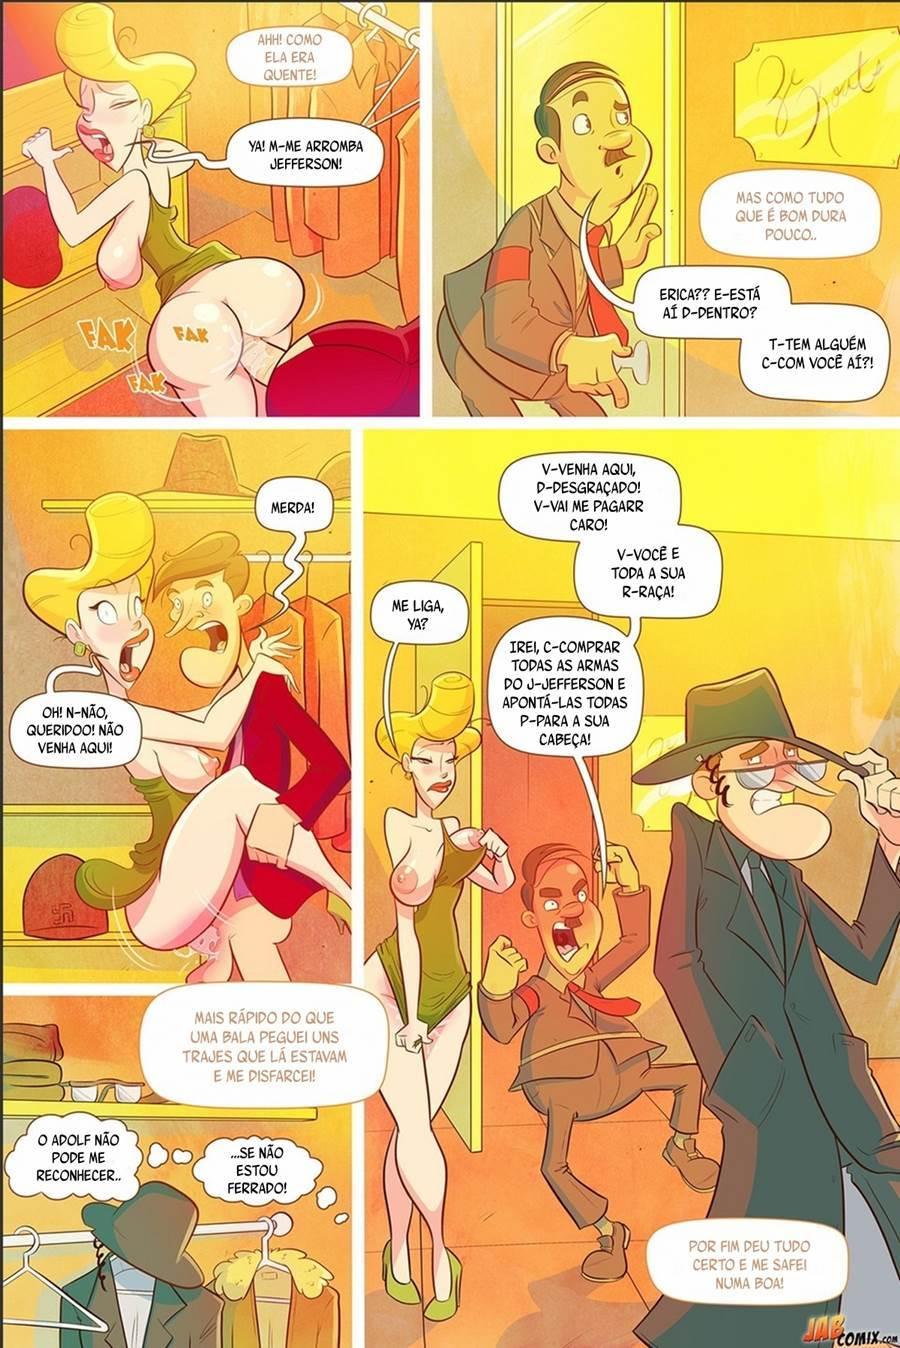 Desenhos pornô – O velho rabugento 02